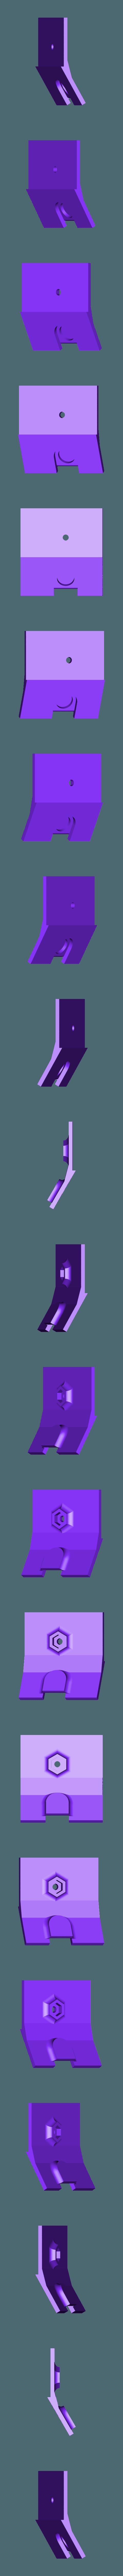 magazine_holder_bot.stl Télécharger fichier STL gratuit EPIC 6 stage coilgun • Objet pour impression 3D, Gyro